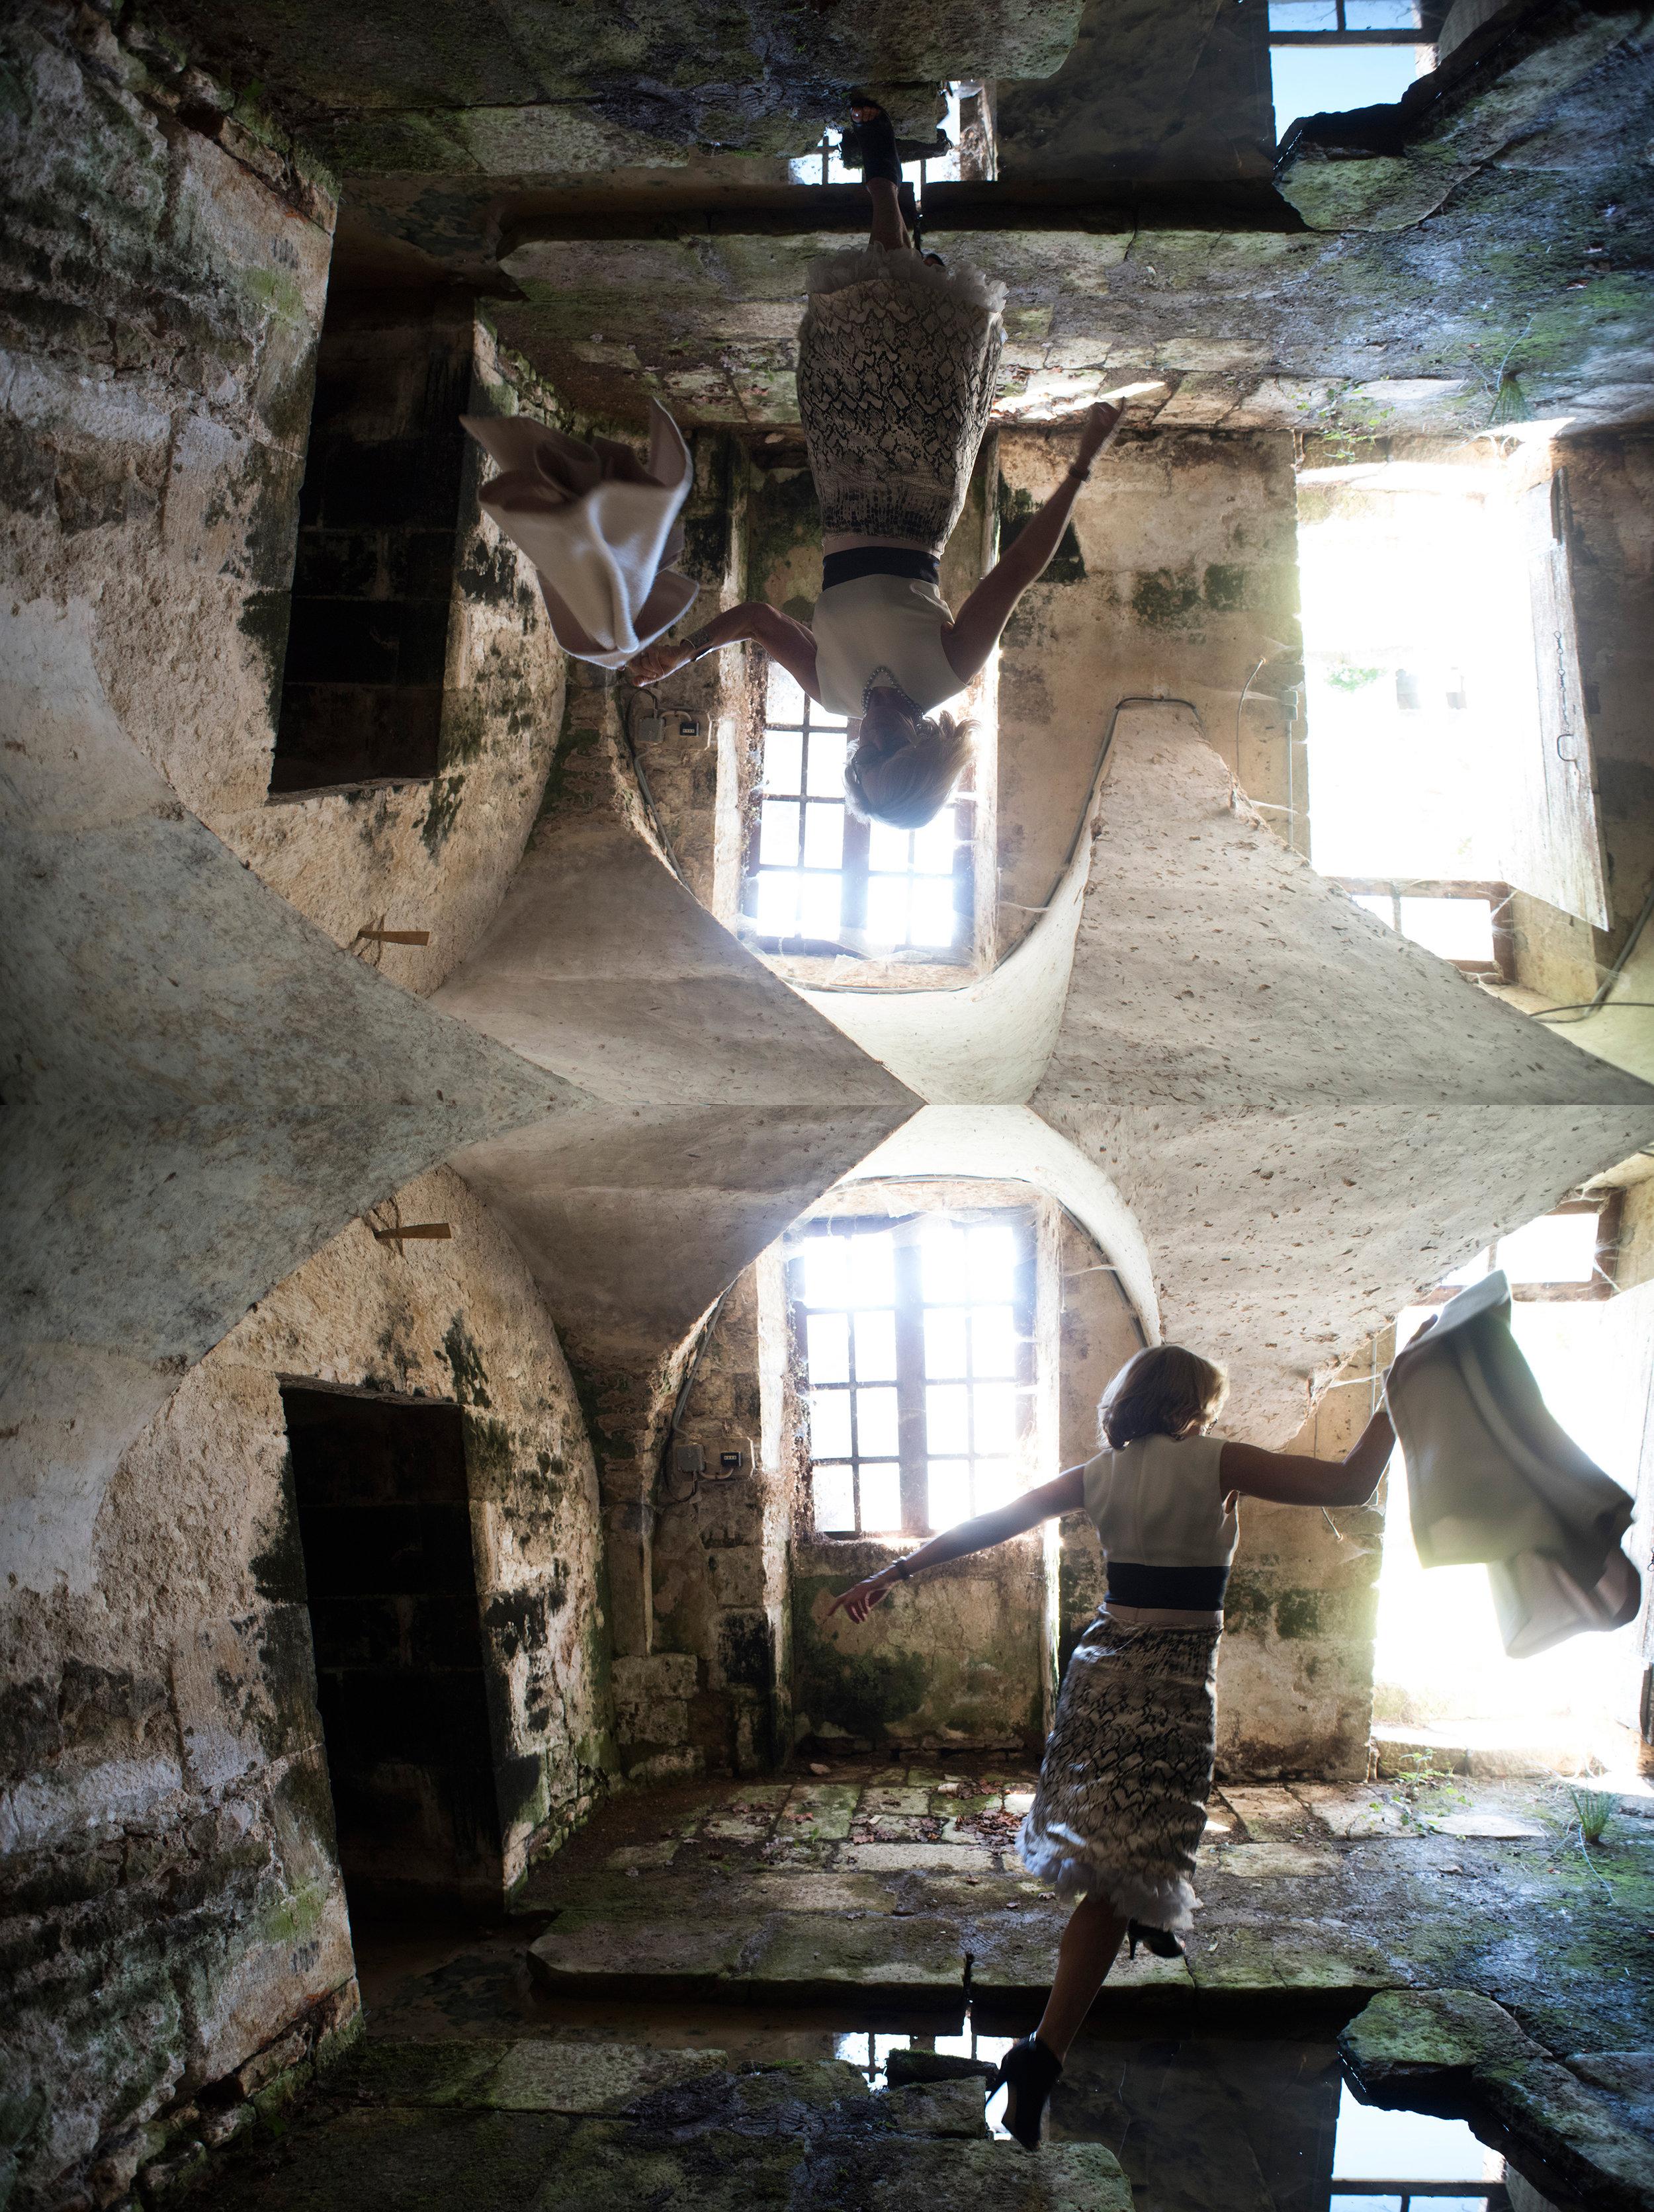 xxxDans la chapelle inondée.jpg